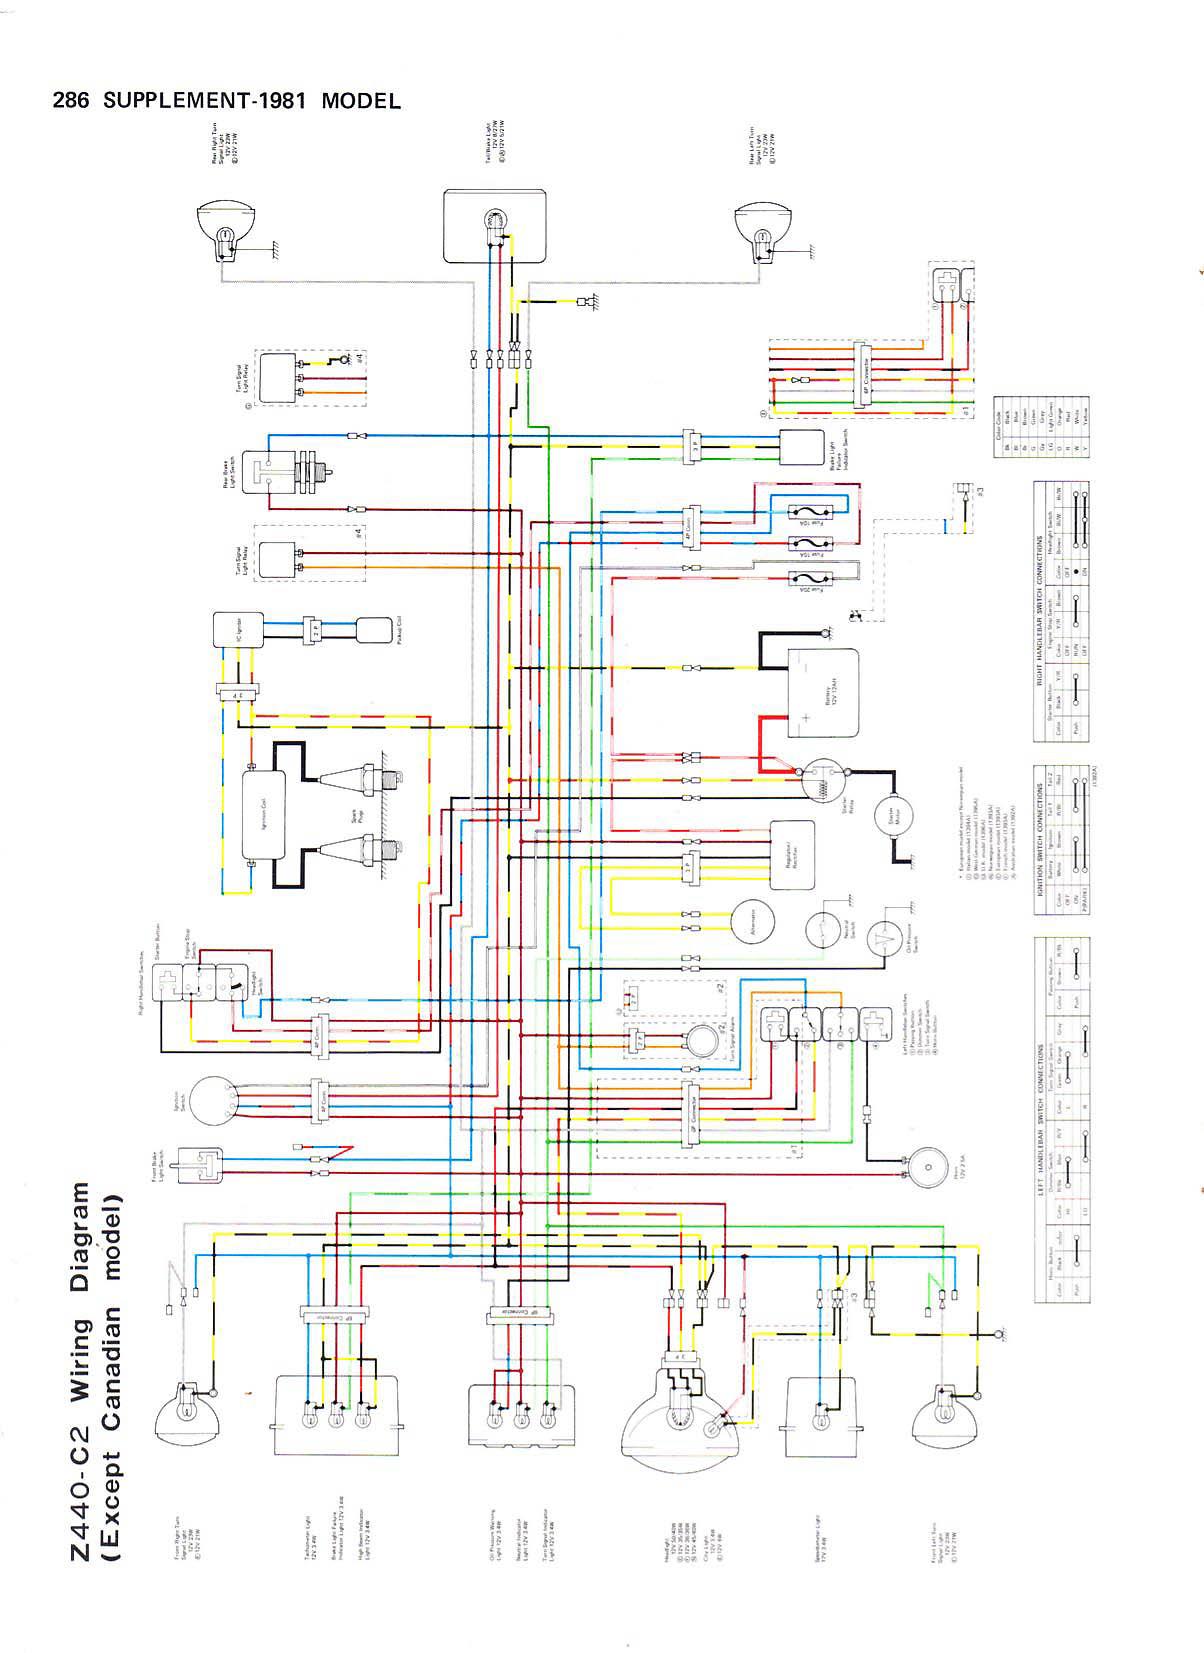 ktm adventure 990 wiring diagram online wiring diagram dataktm adventure 990 wiring diagram best wiring libraryktm adventure 990 wiring diagram